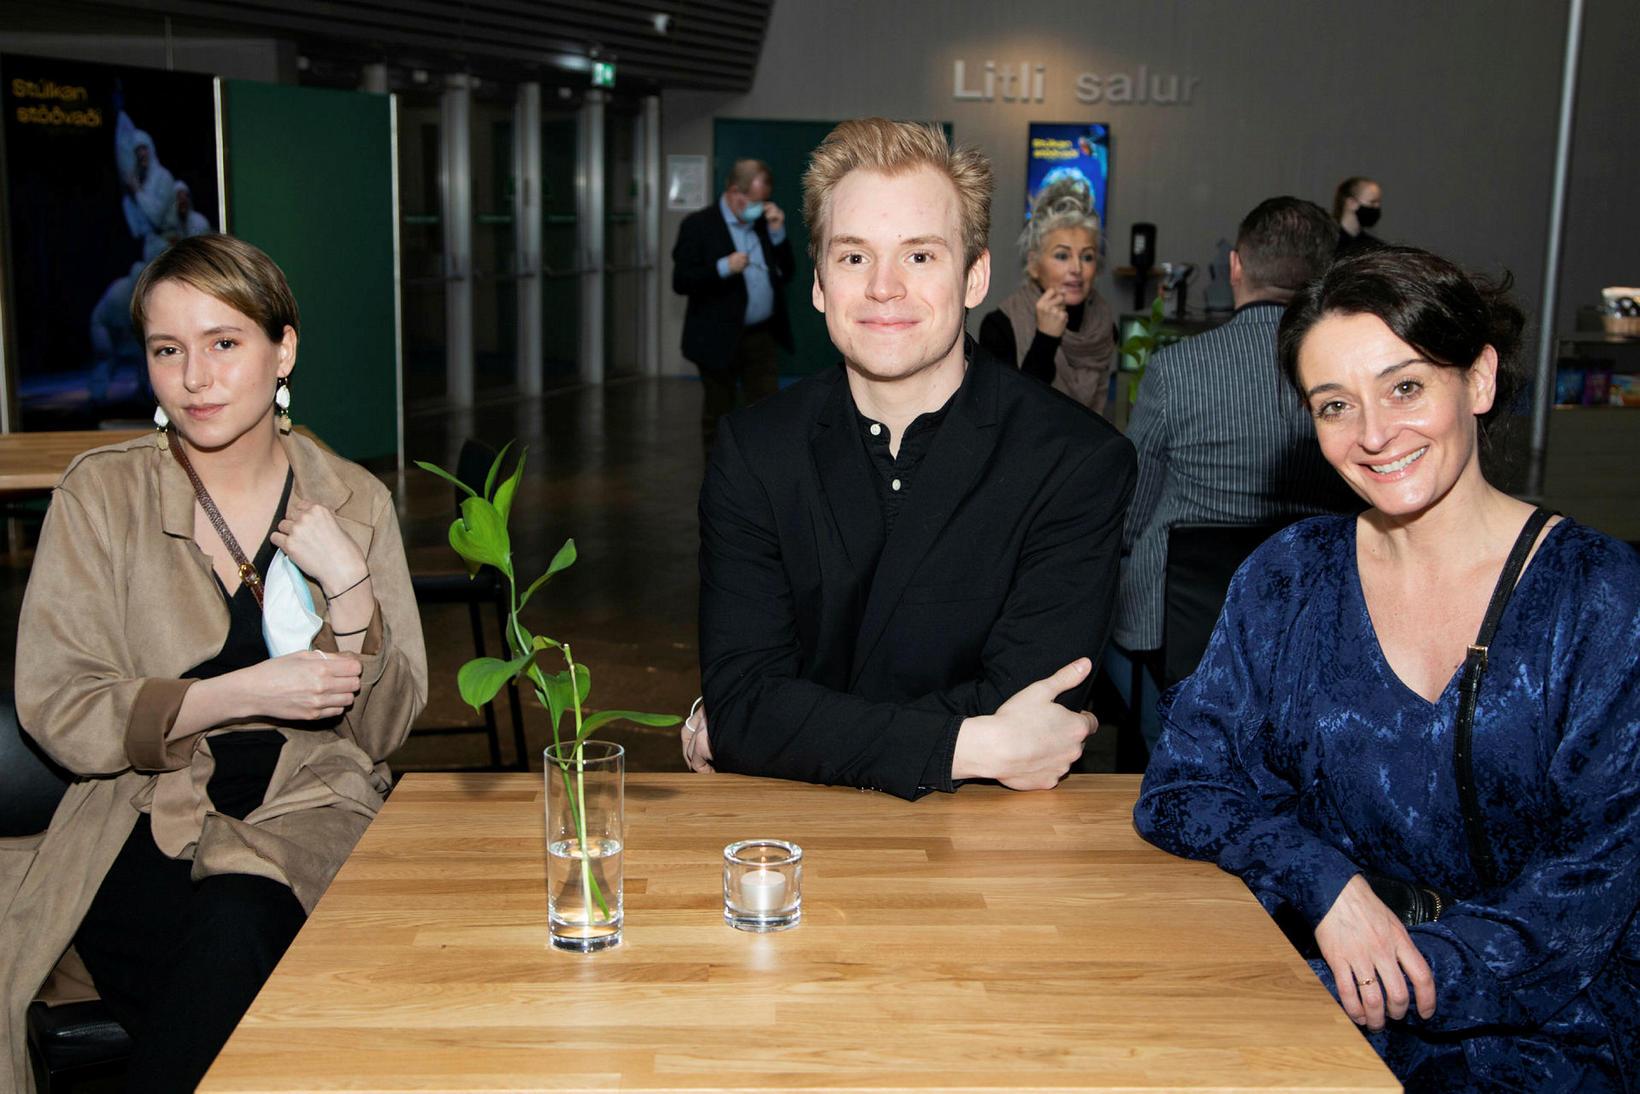 Ninna Rún Pálmadíóttir, Örn Gauti Jóhannsson og Brynhildur Guðjónsdóttir.